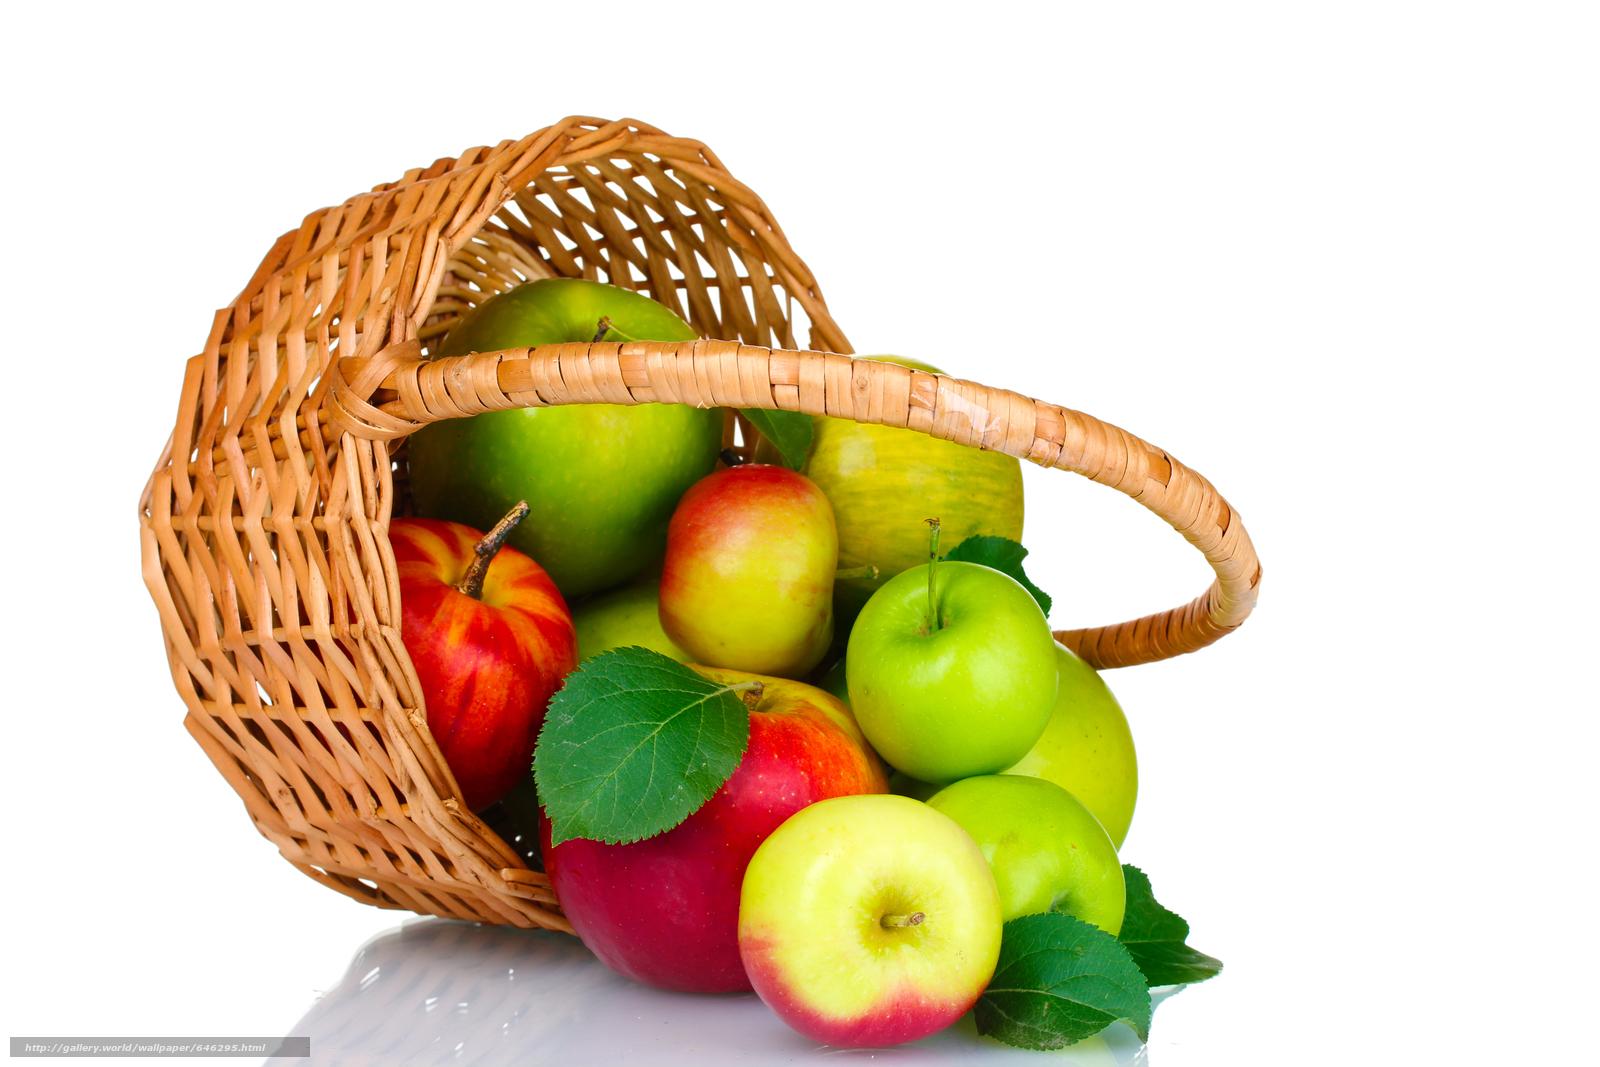 壁紙をダウンロード りんご,  フルーツ,  バスケット デスクトップの解像度のための無料壁紙 5184x3456 — 絵 №646295